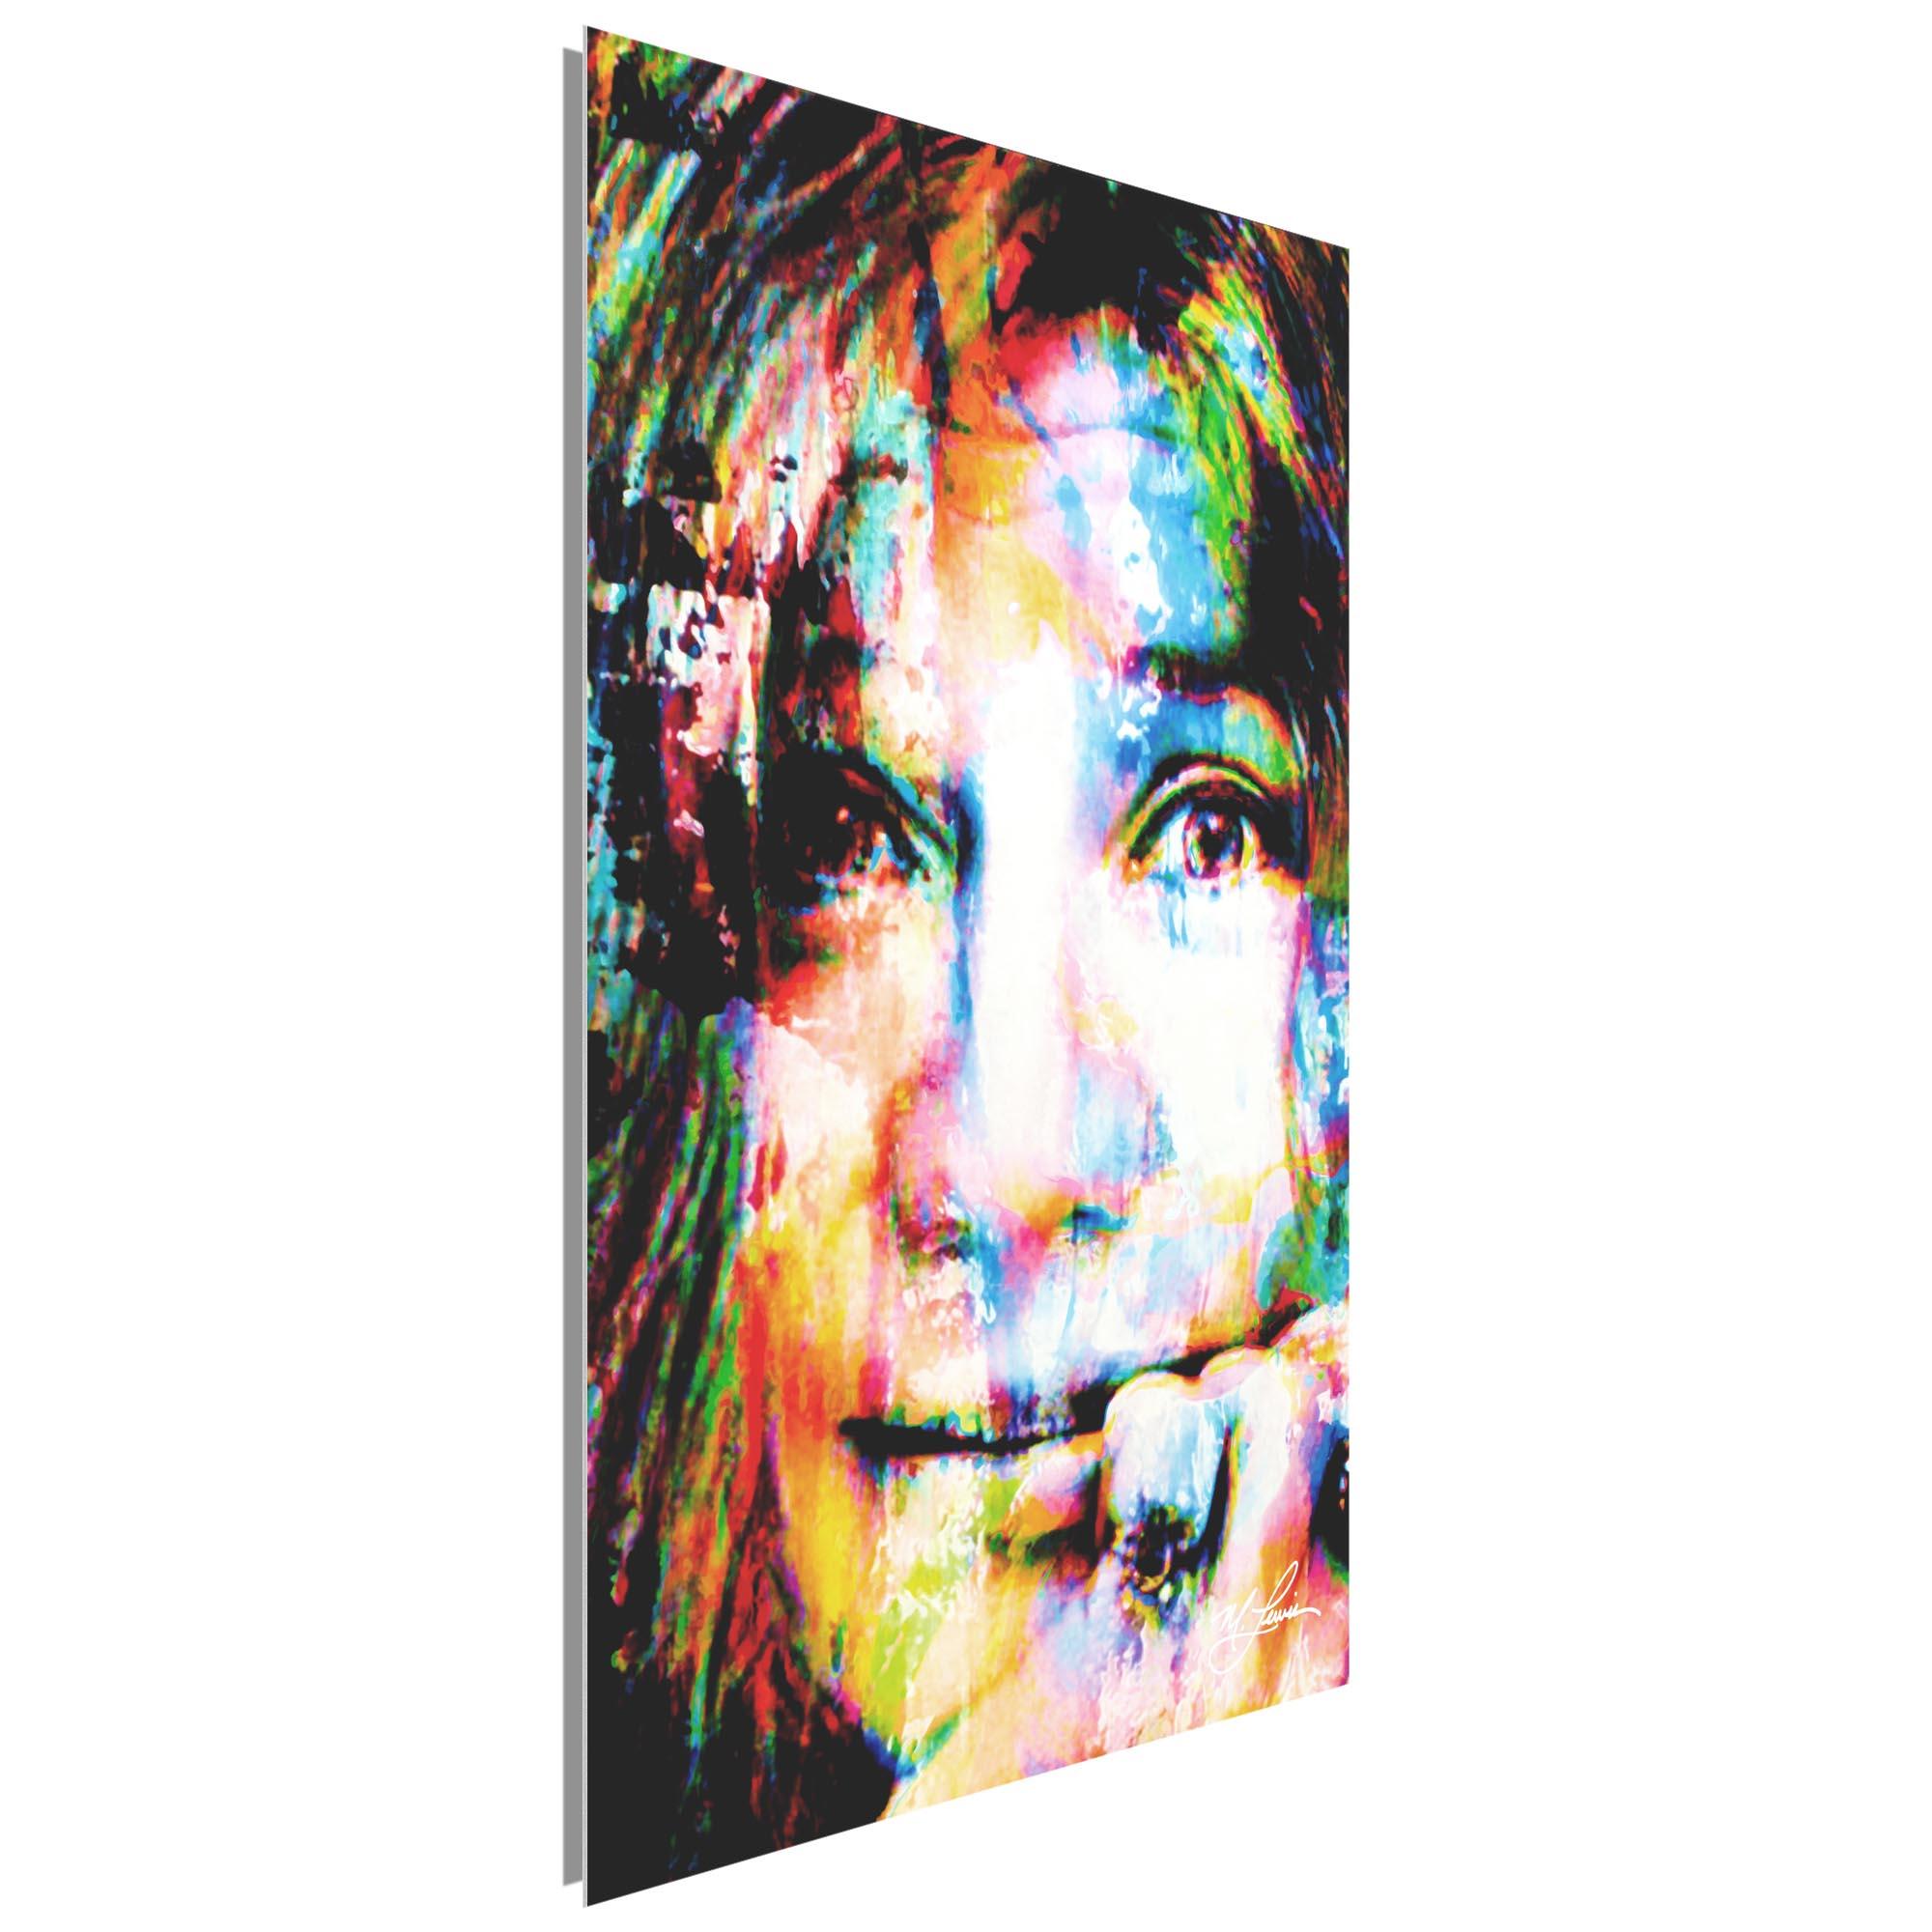 Janis Joplin Declaration of Soul 22x32 Metal or Plexiglass Pop Art Portrait - Image 2